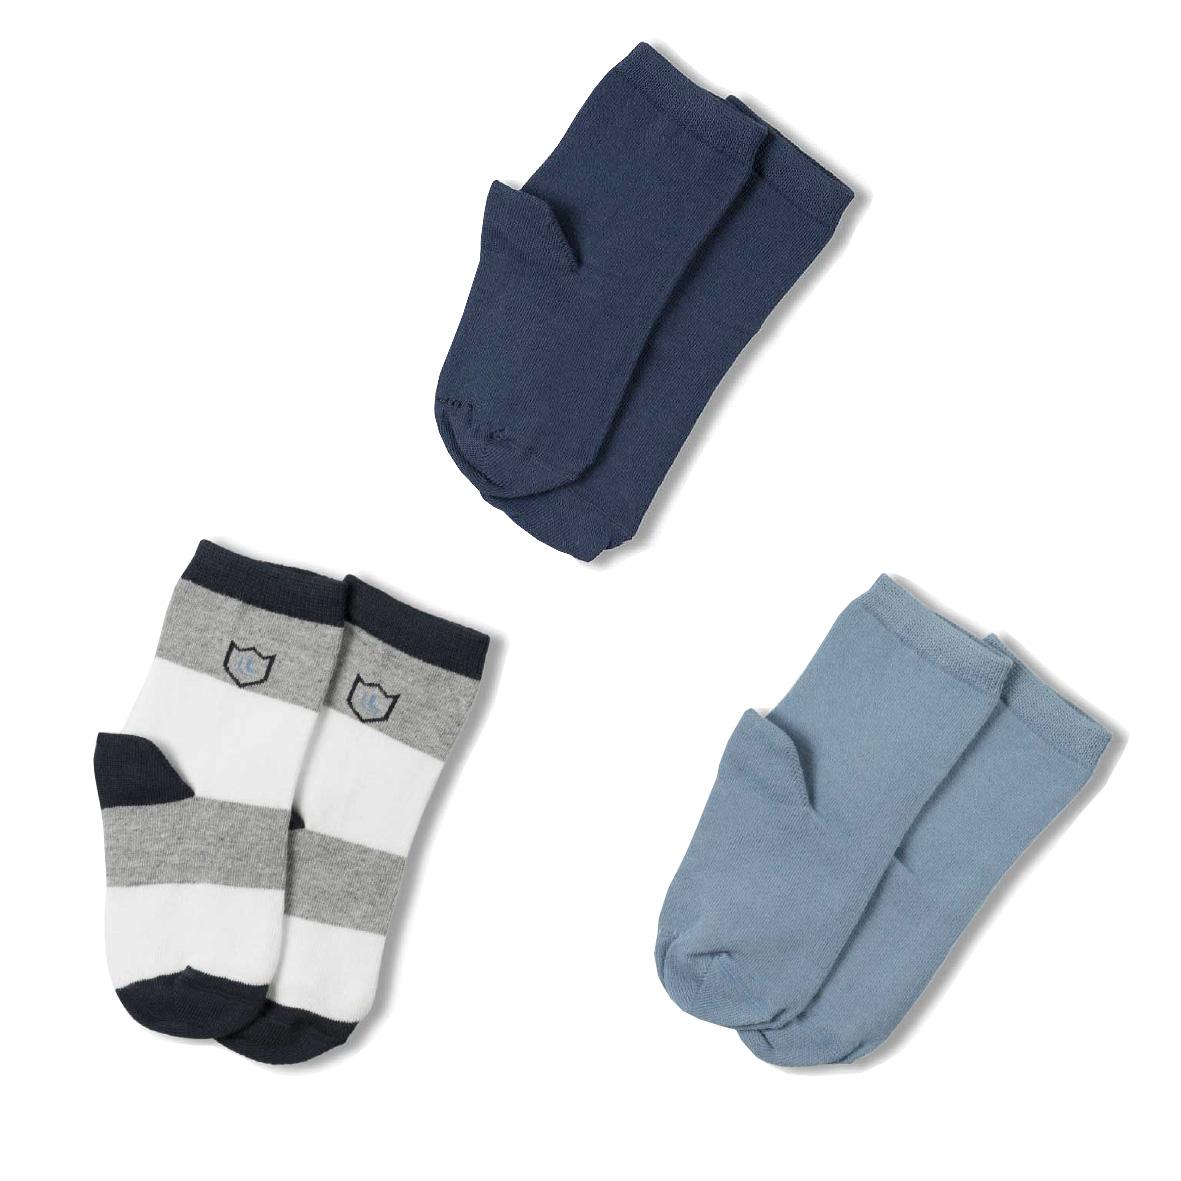 Meia Soquete Kids Meninos Kit com 3 pares (2-5 anos) | LUPO